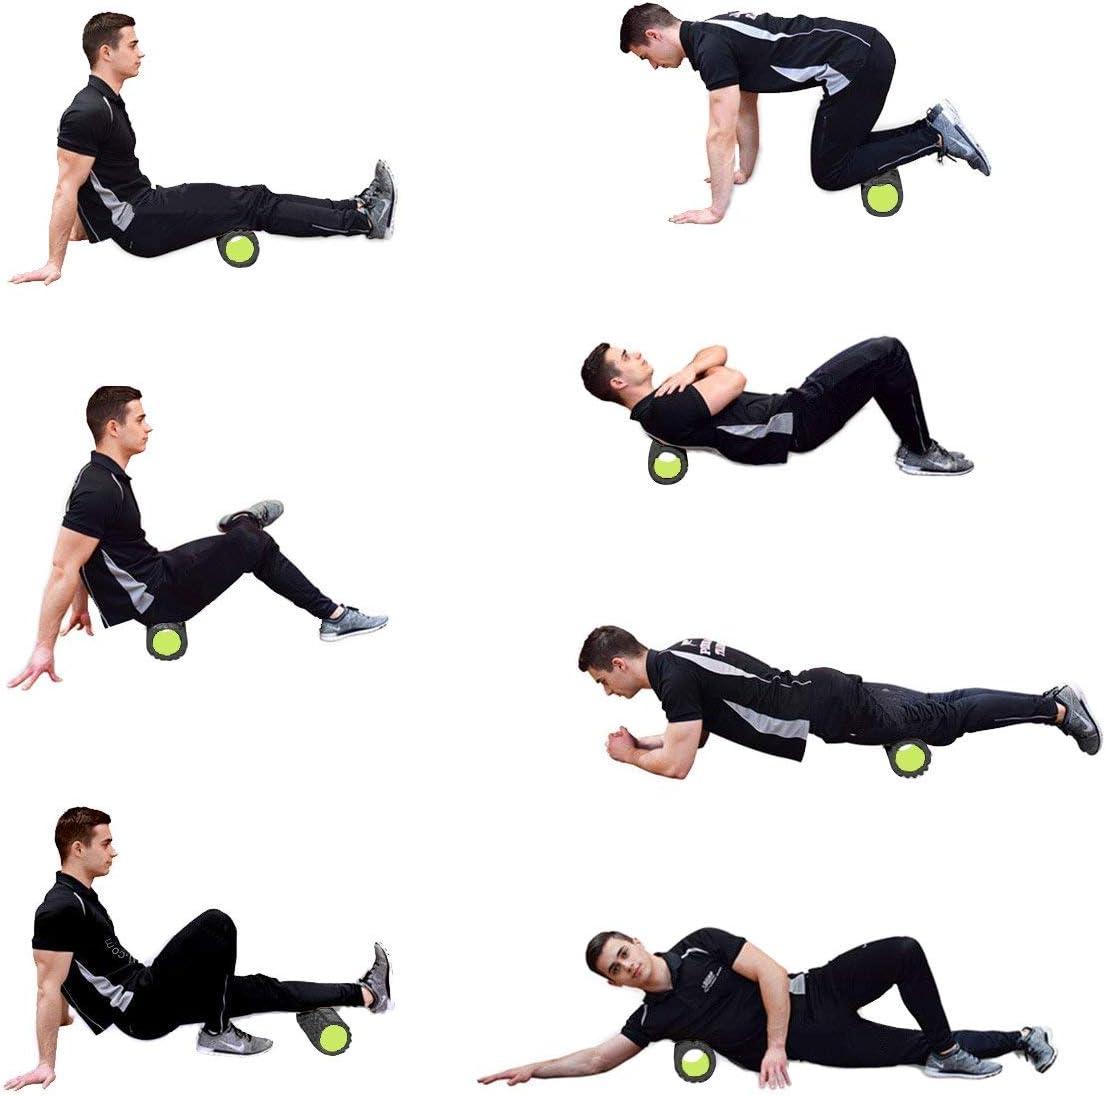 REEHUT Fitness Rodillo de Espuma 2-en-1 para Puntos Desencadenantes y Masaje para M/úsculos Dolorosos M/úsculos Tensos Rodillos Lisos